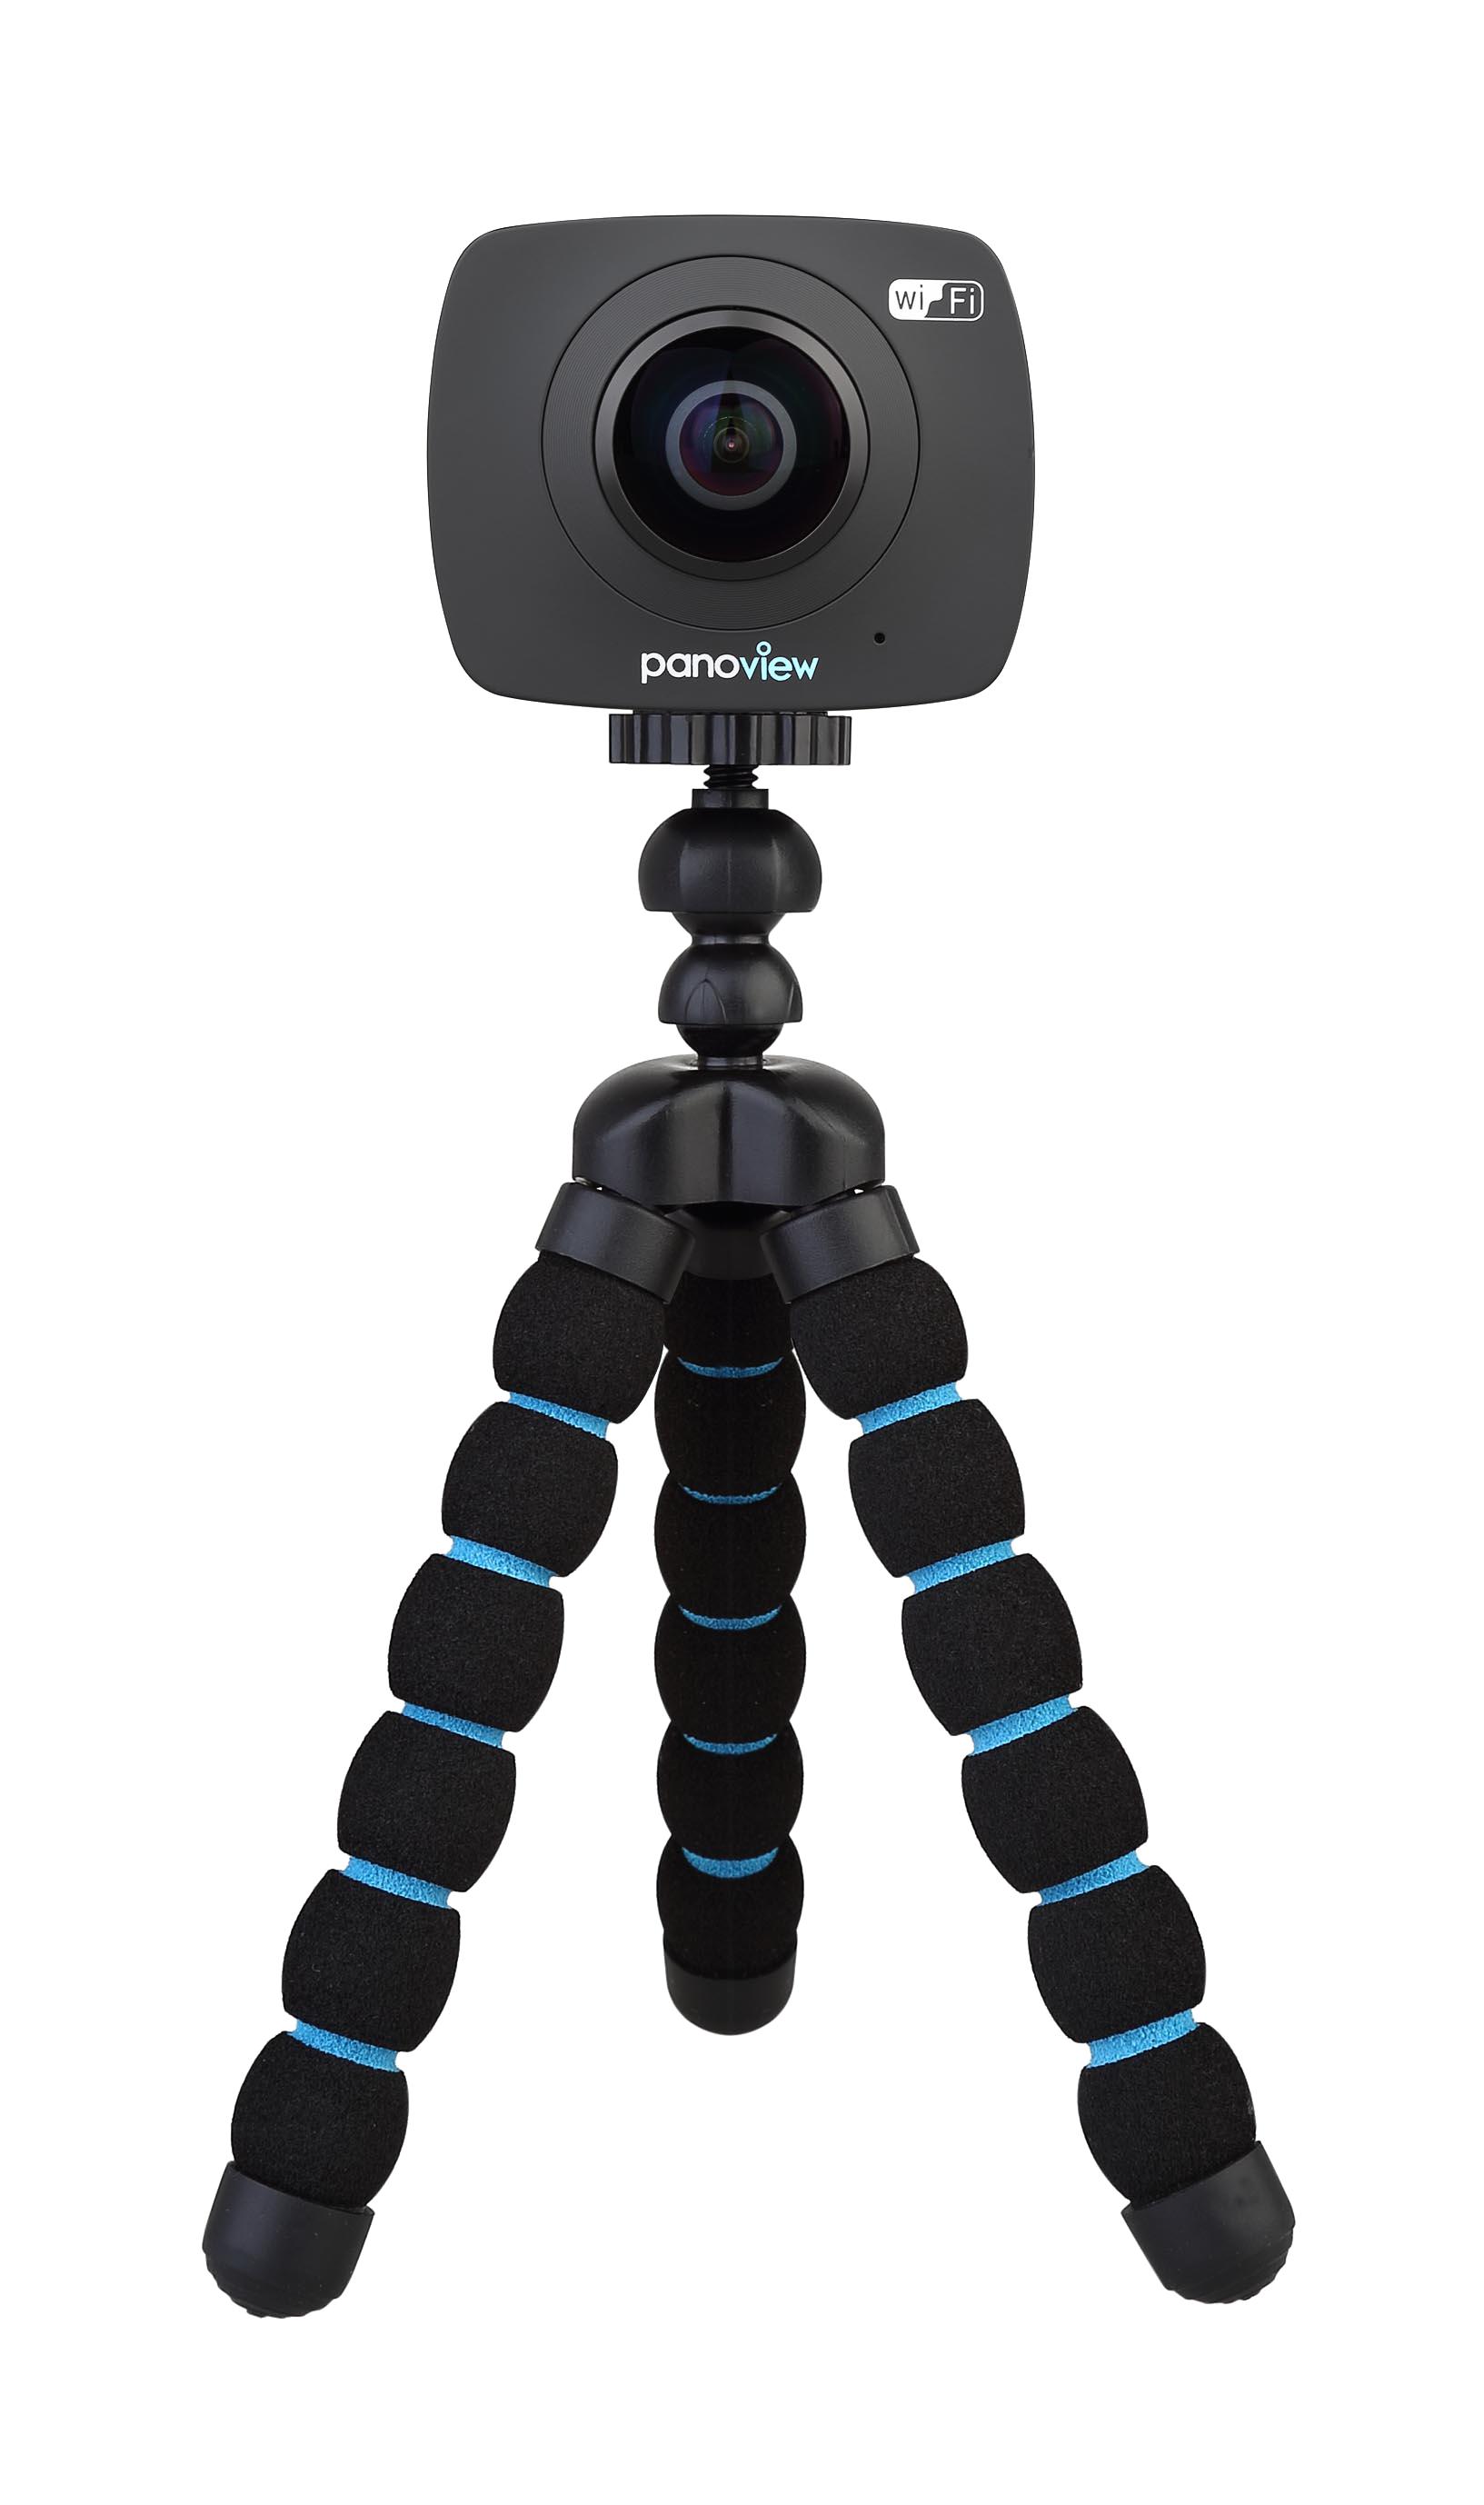 25% korting op de Panoview 360 graden camera €74,96